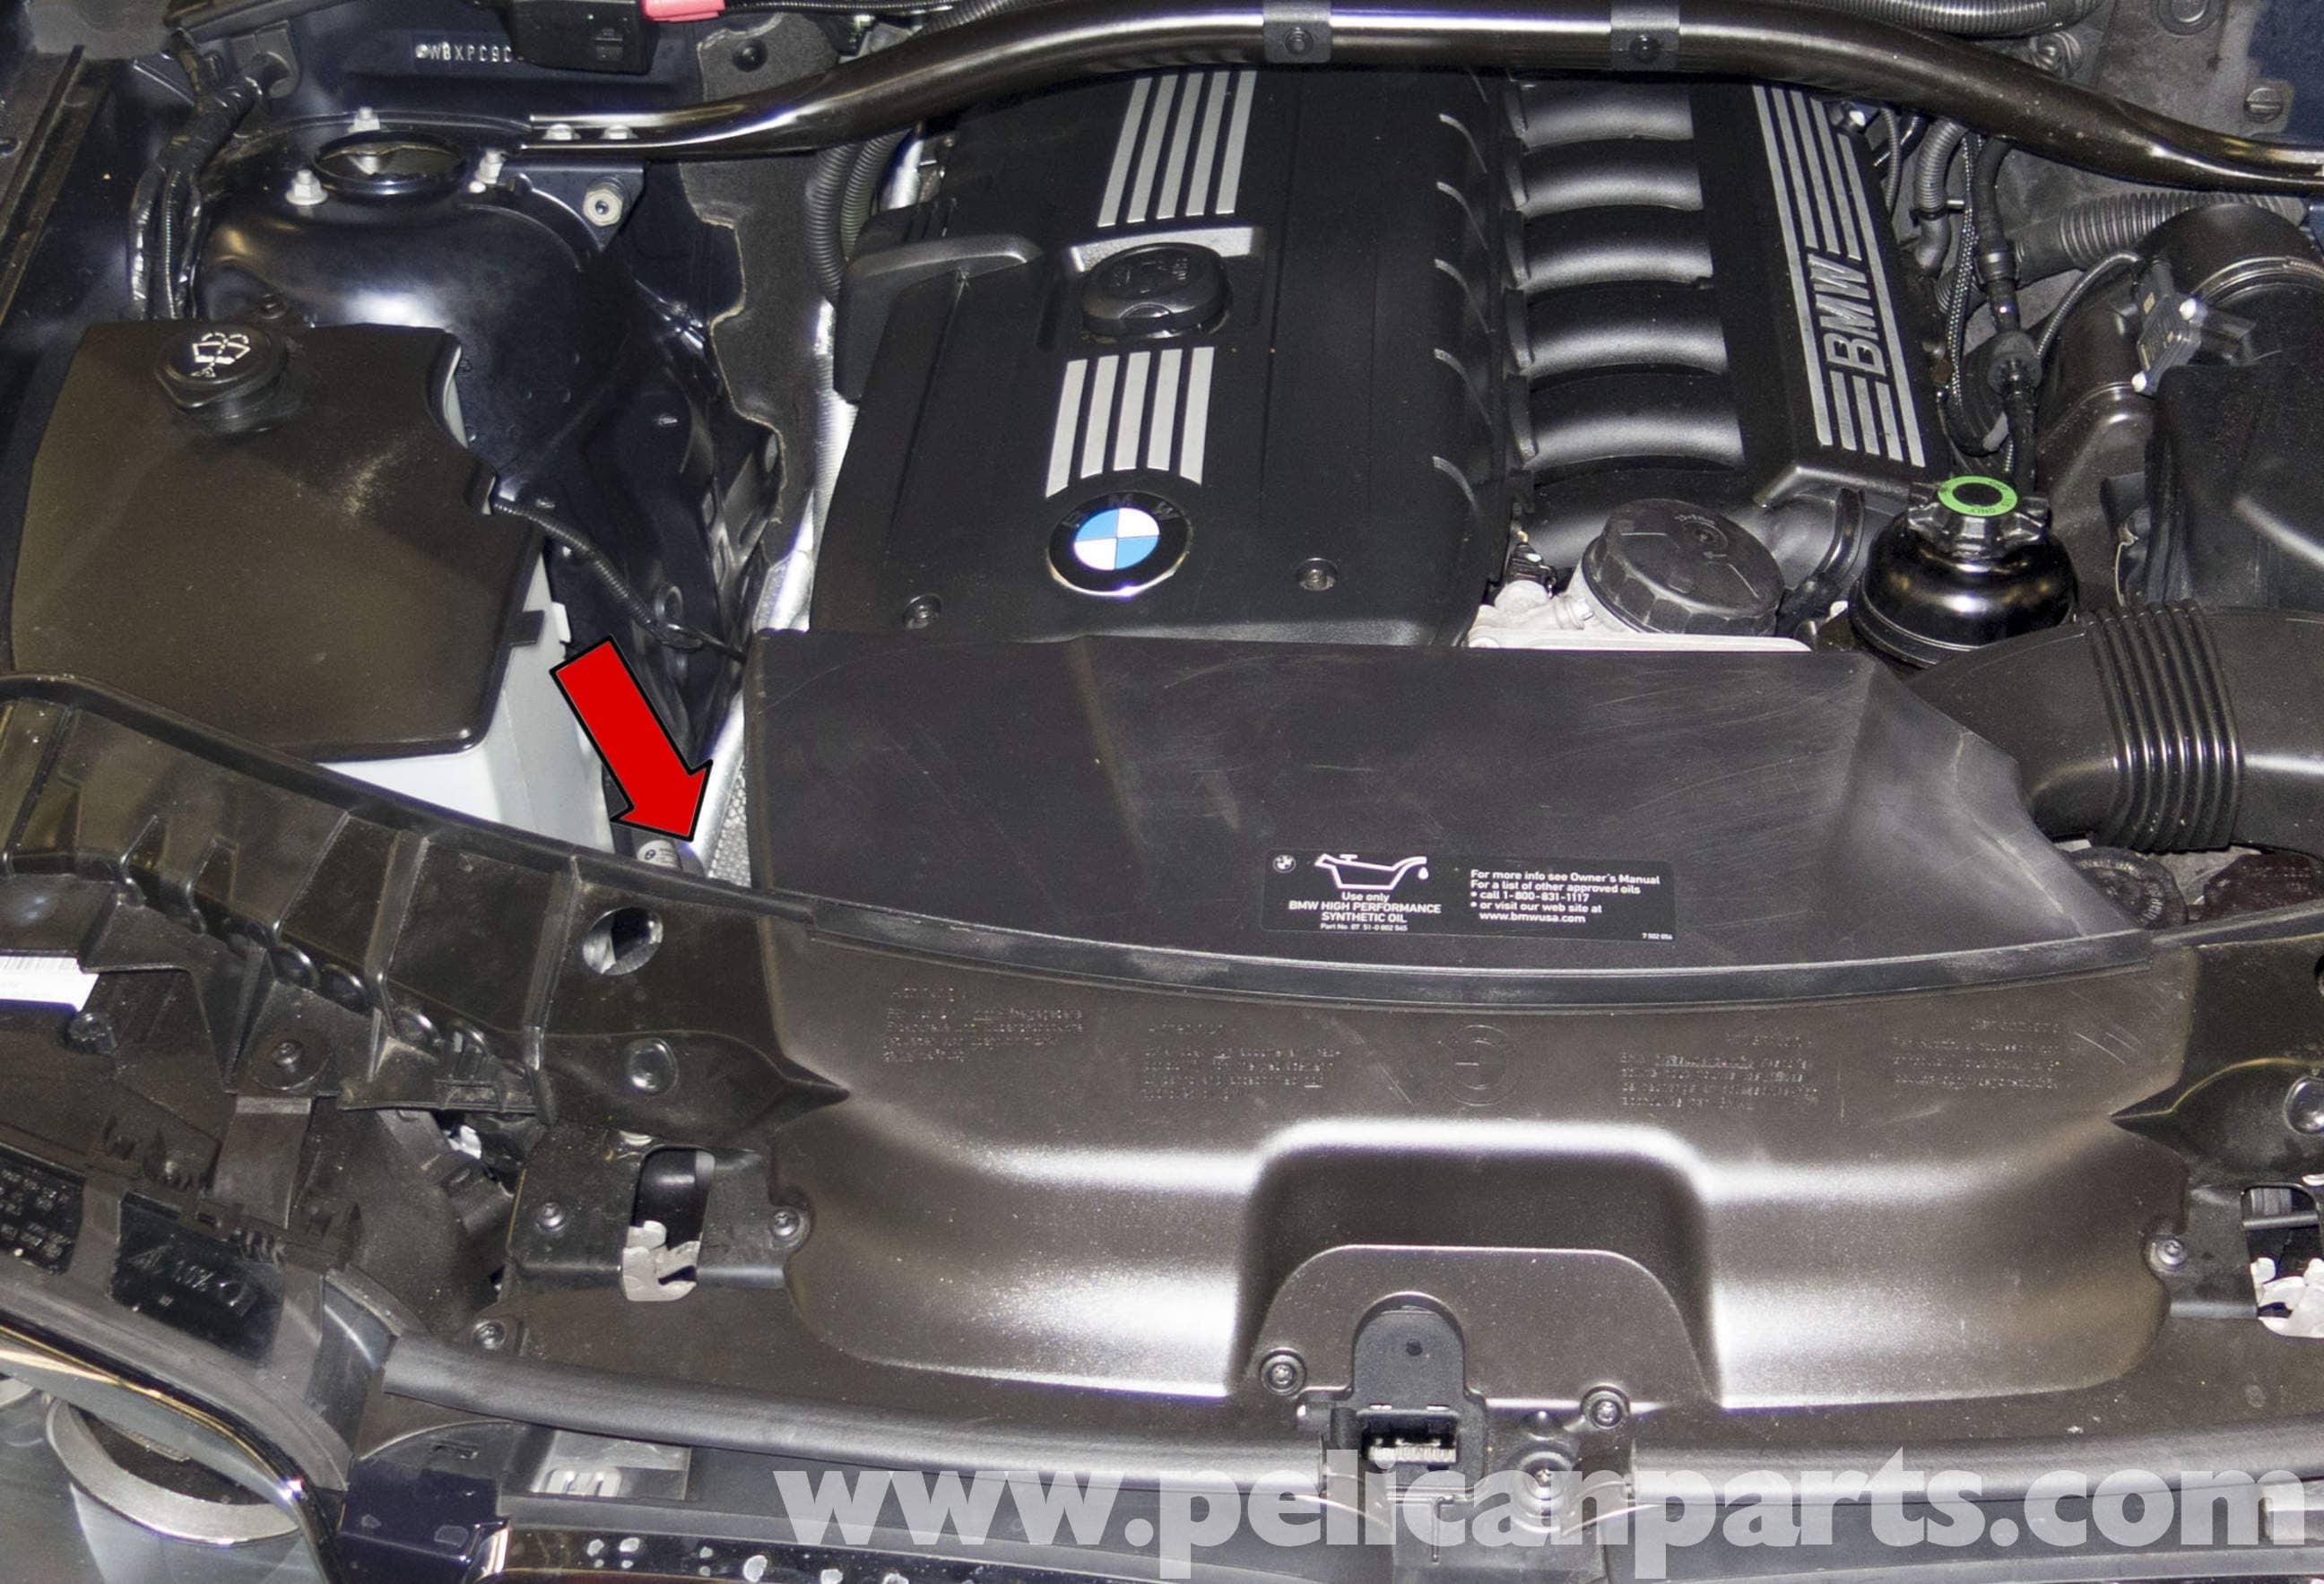 Bmw E46 2.0d Wiring Diagram C Bmw E83 Engine Diagram Of Bmw E46 2.0d Wiring Diagram